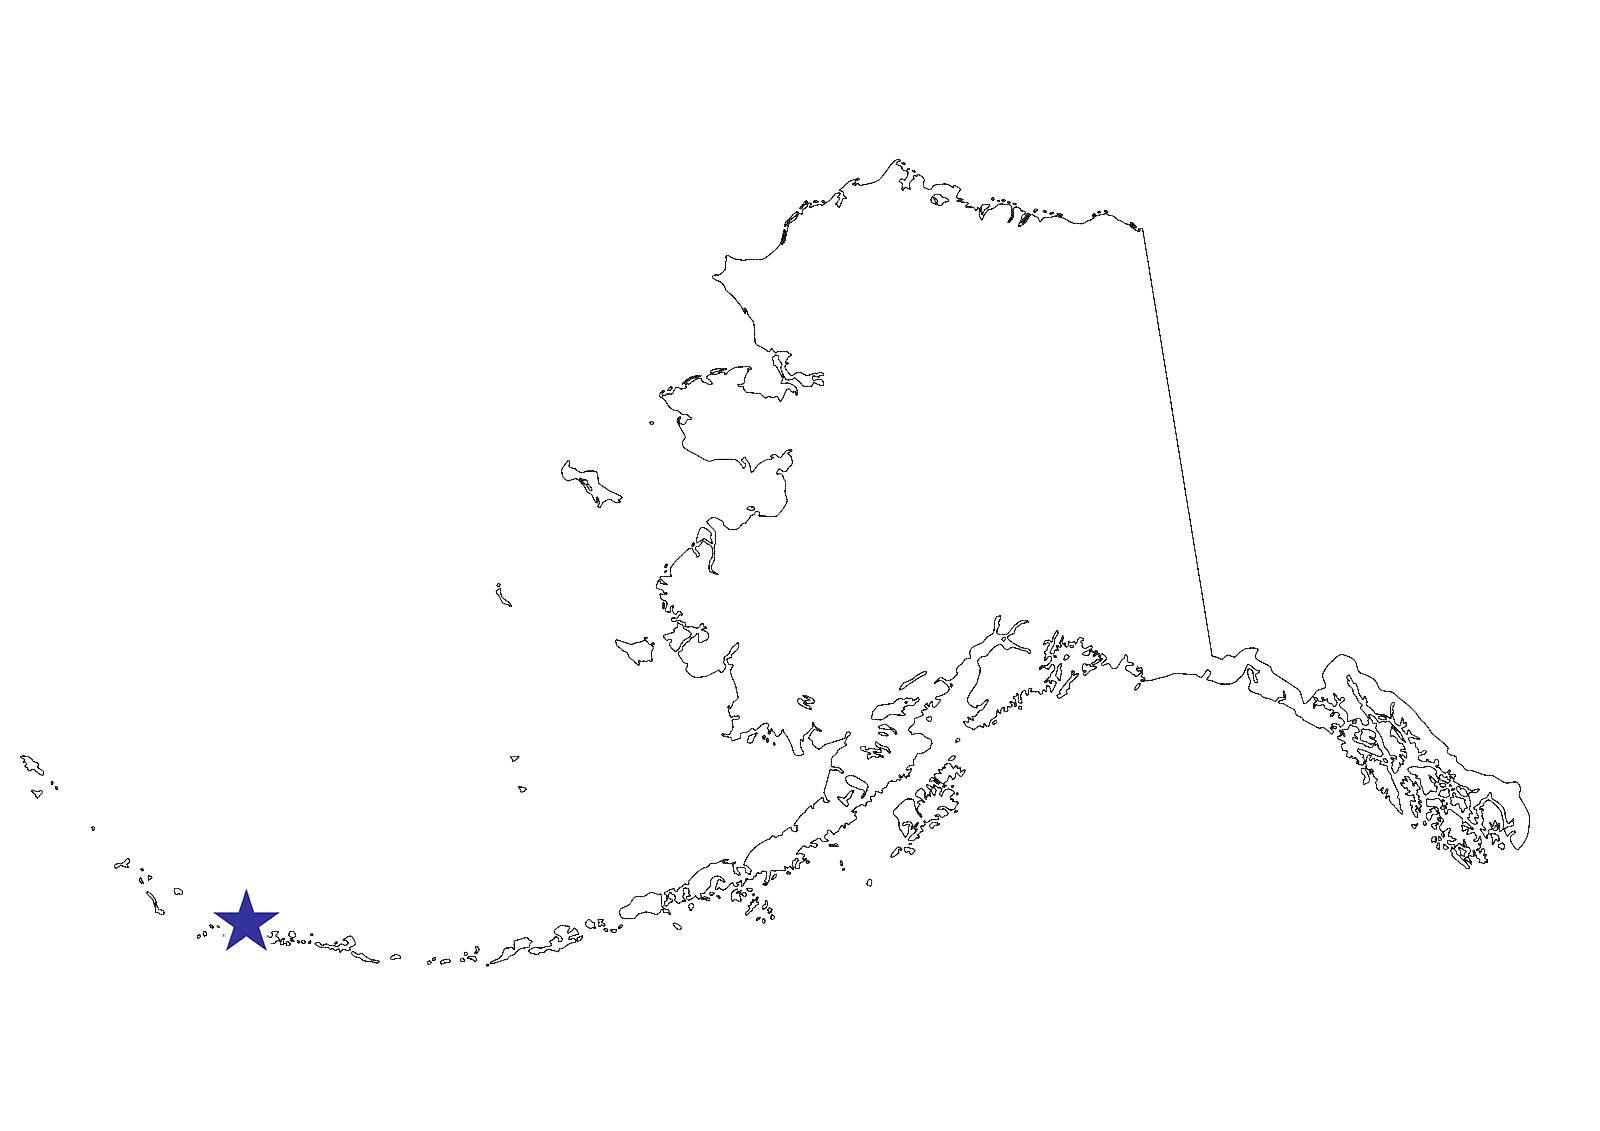 map_2_adak.jpg